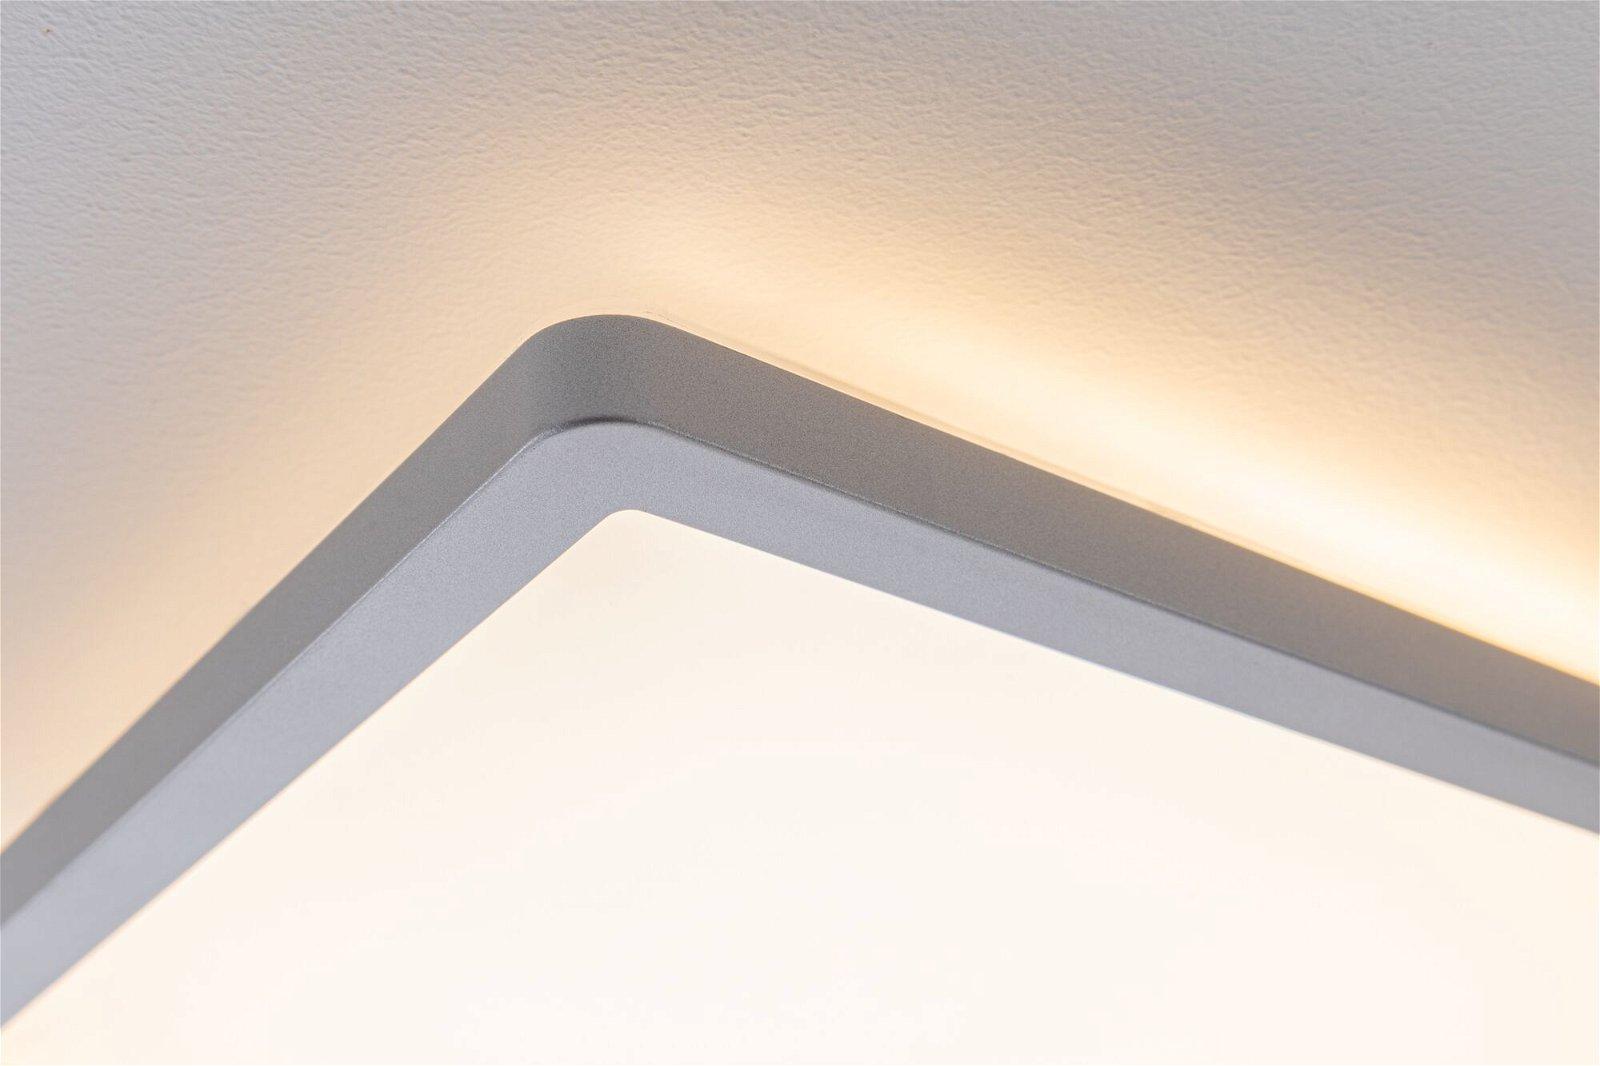 Panneau LED Atria Shine carré 190x190mm 1360lm 3000K Chrome mat